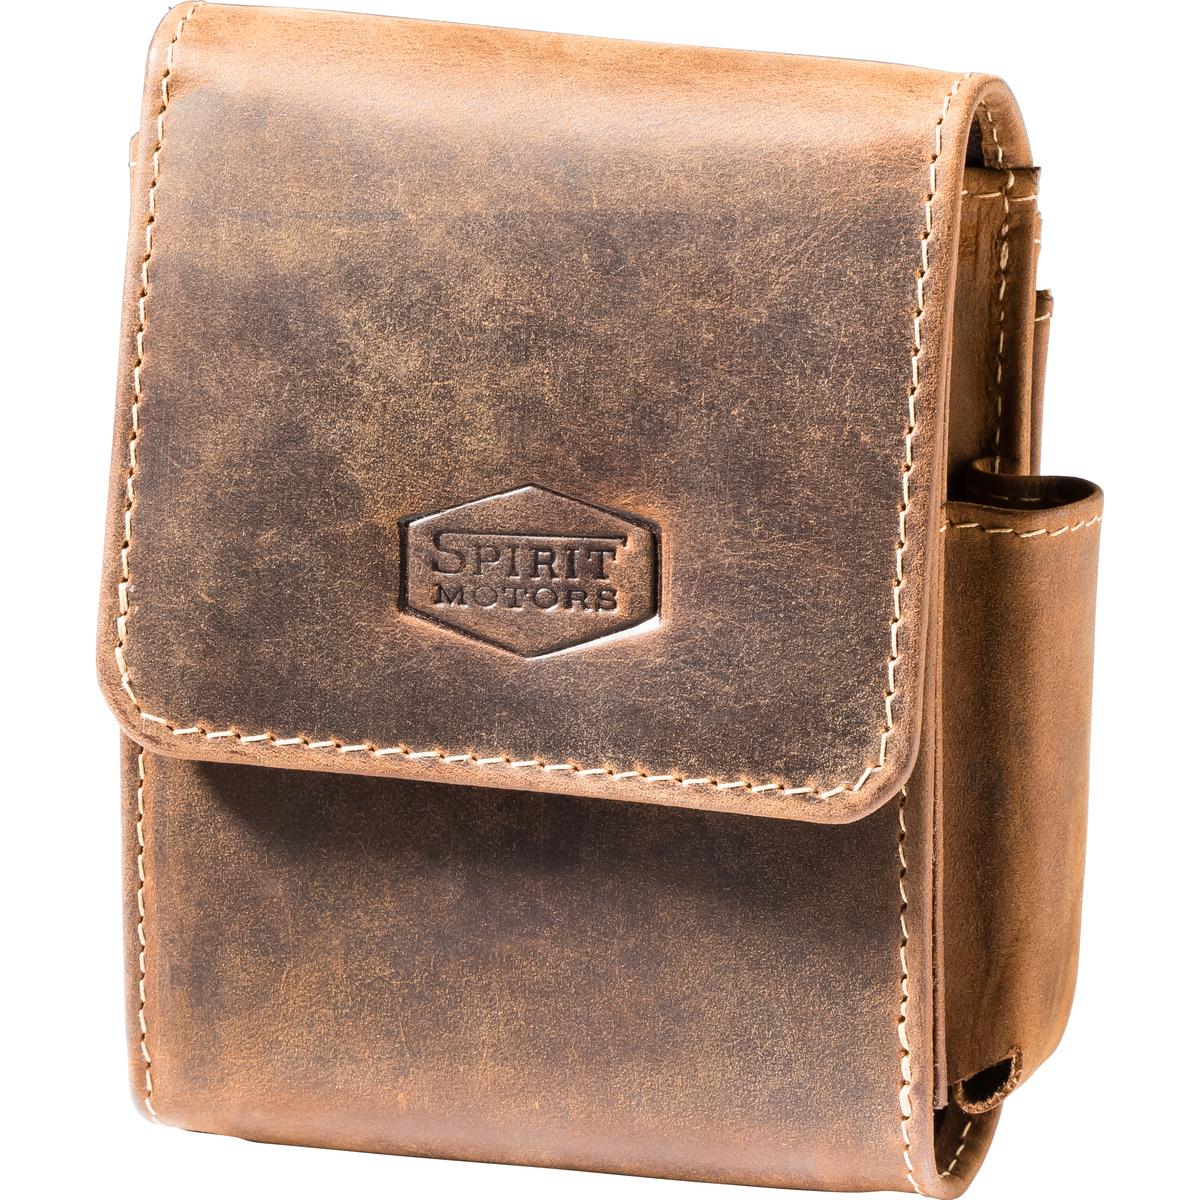 Bild 5 von Spirit Motors Vintage Leder Gürteltasche für Zigarettenschac braun